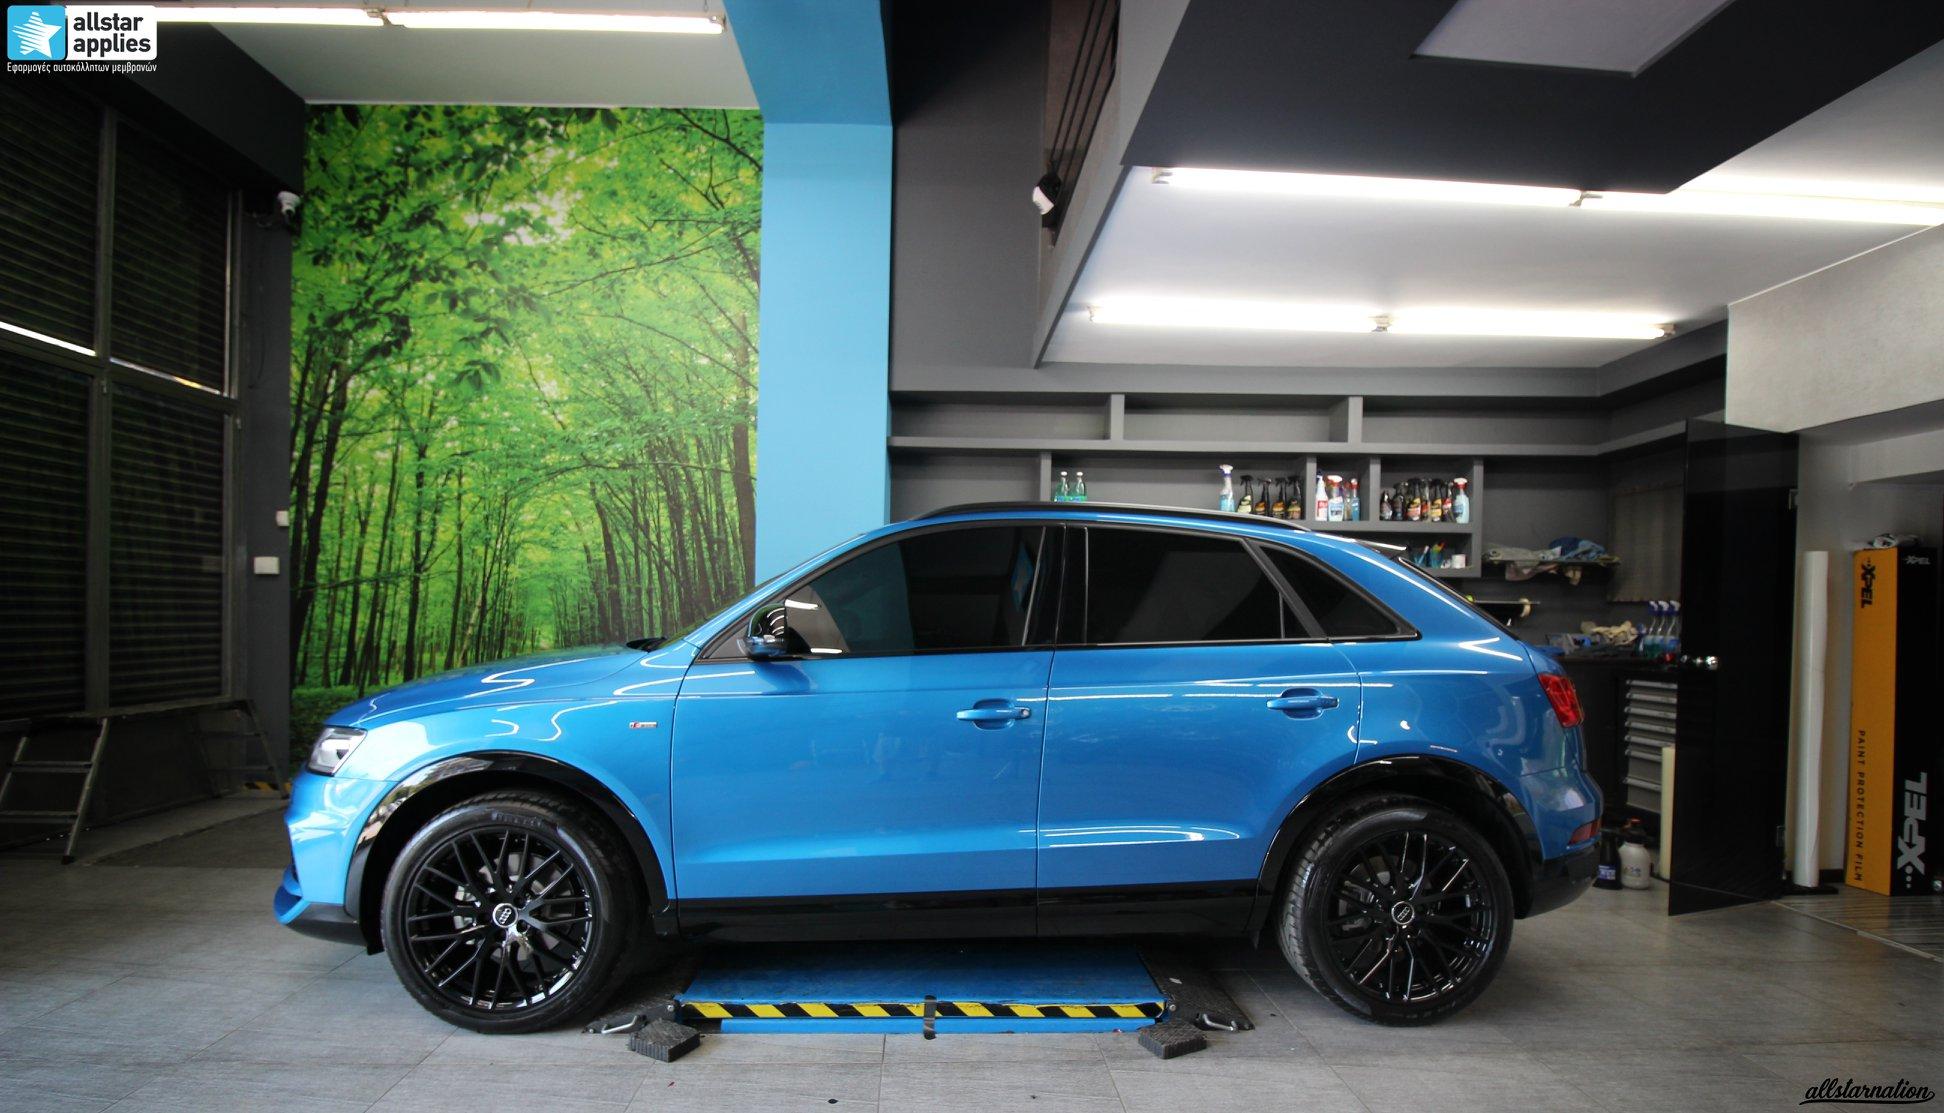 Μεμβράνες προστασίας χρώματος αυτοκινήτου Audi Θεσσαλονίκη